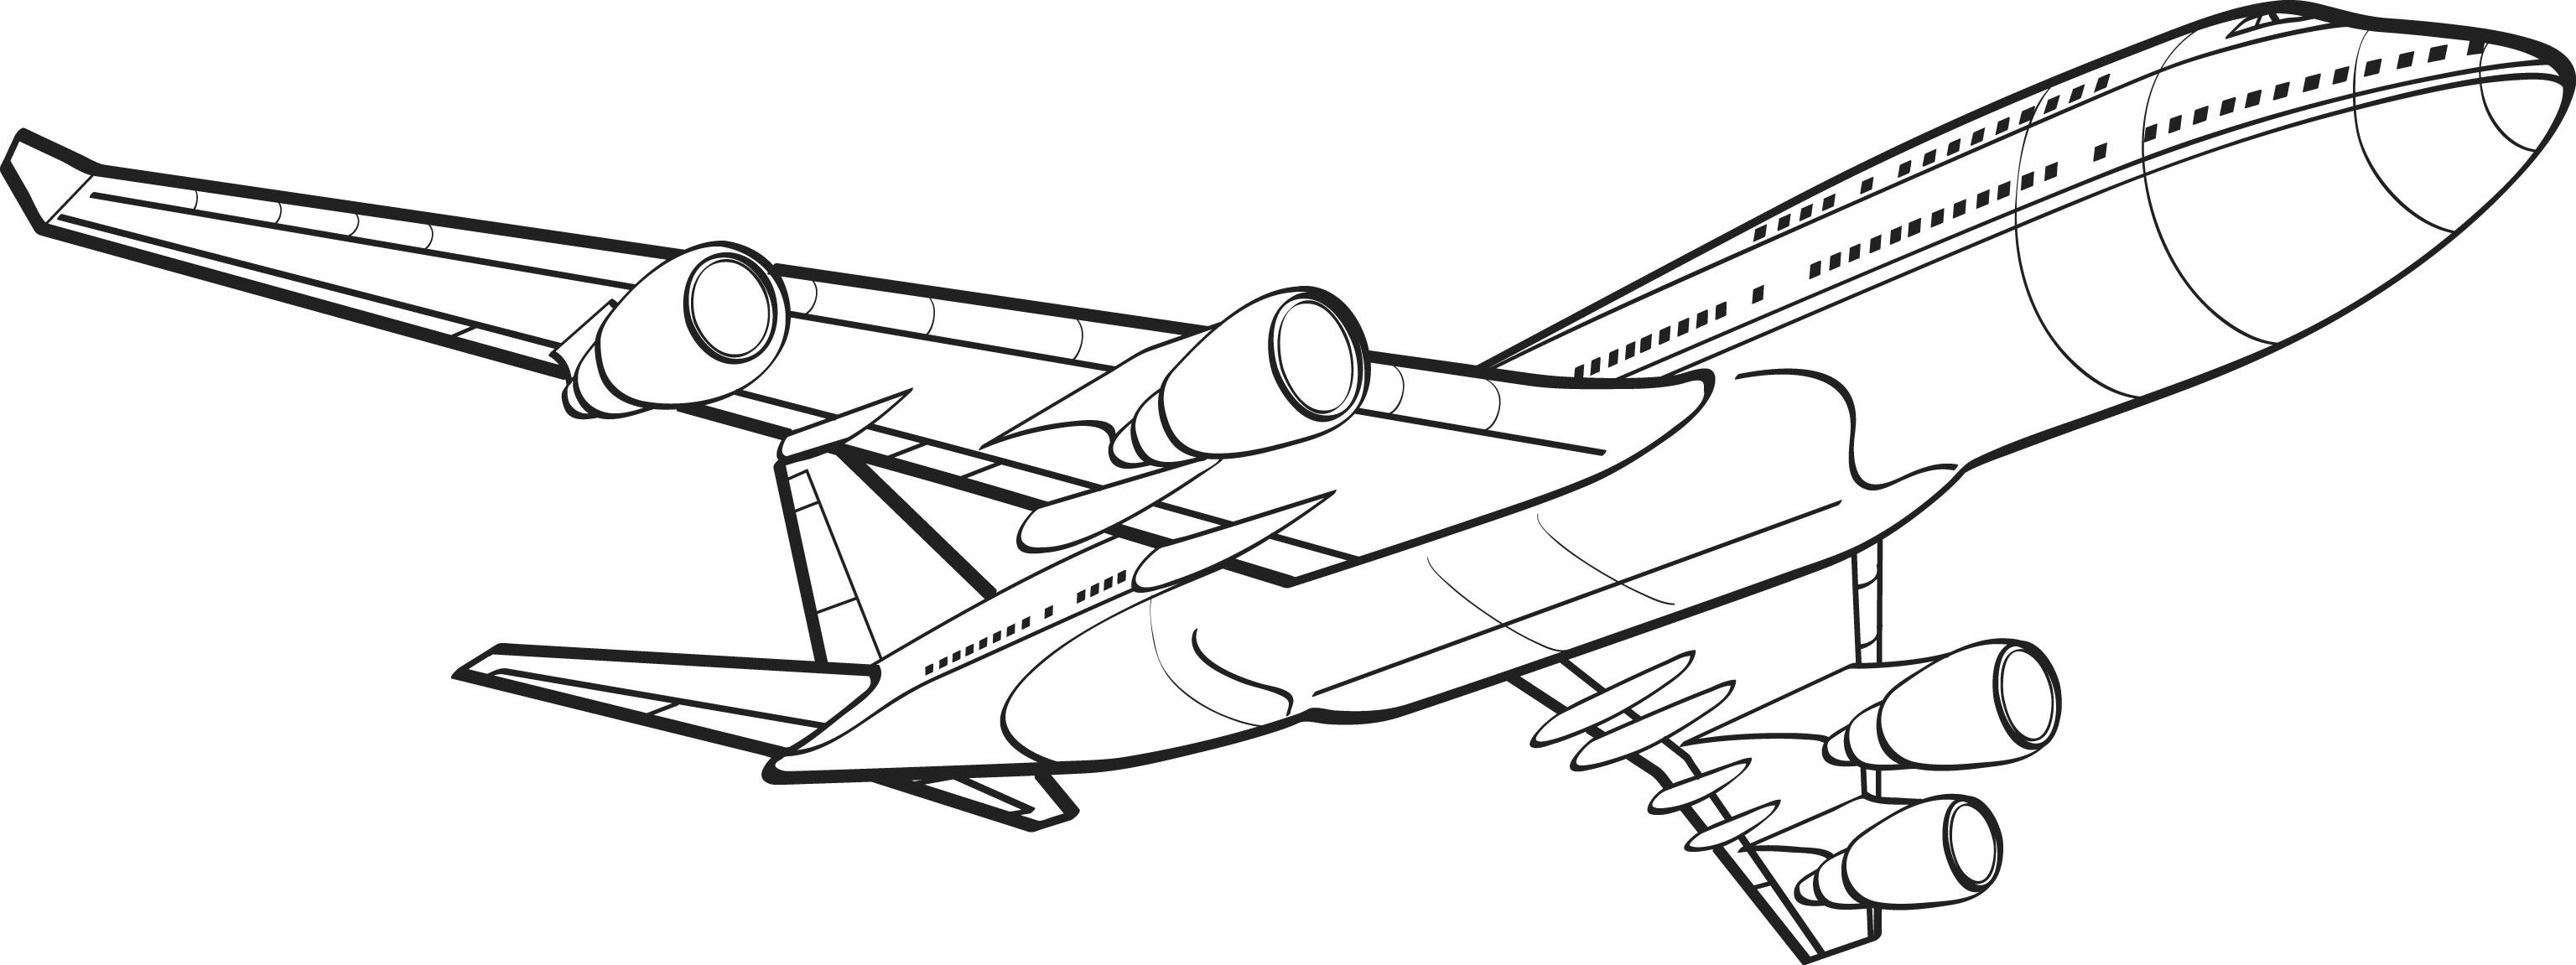 flight clipart-flight clipart-6